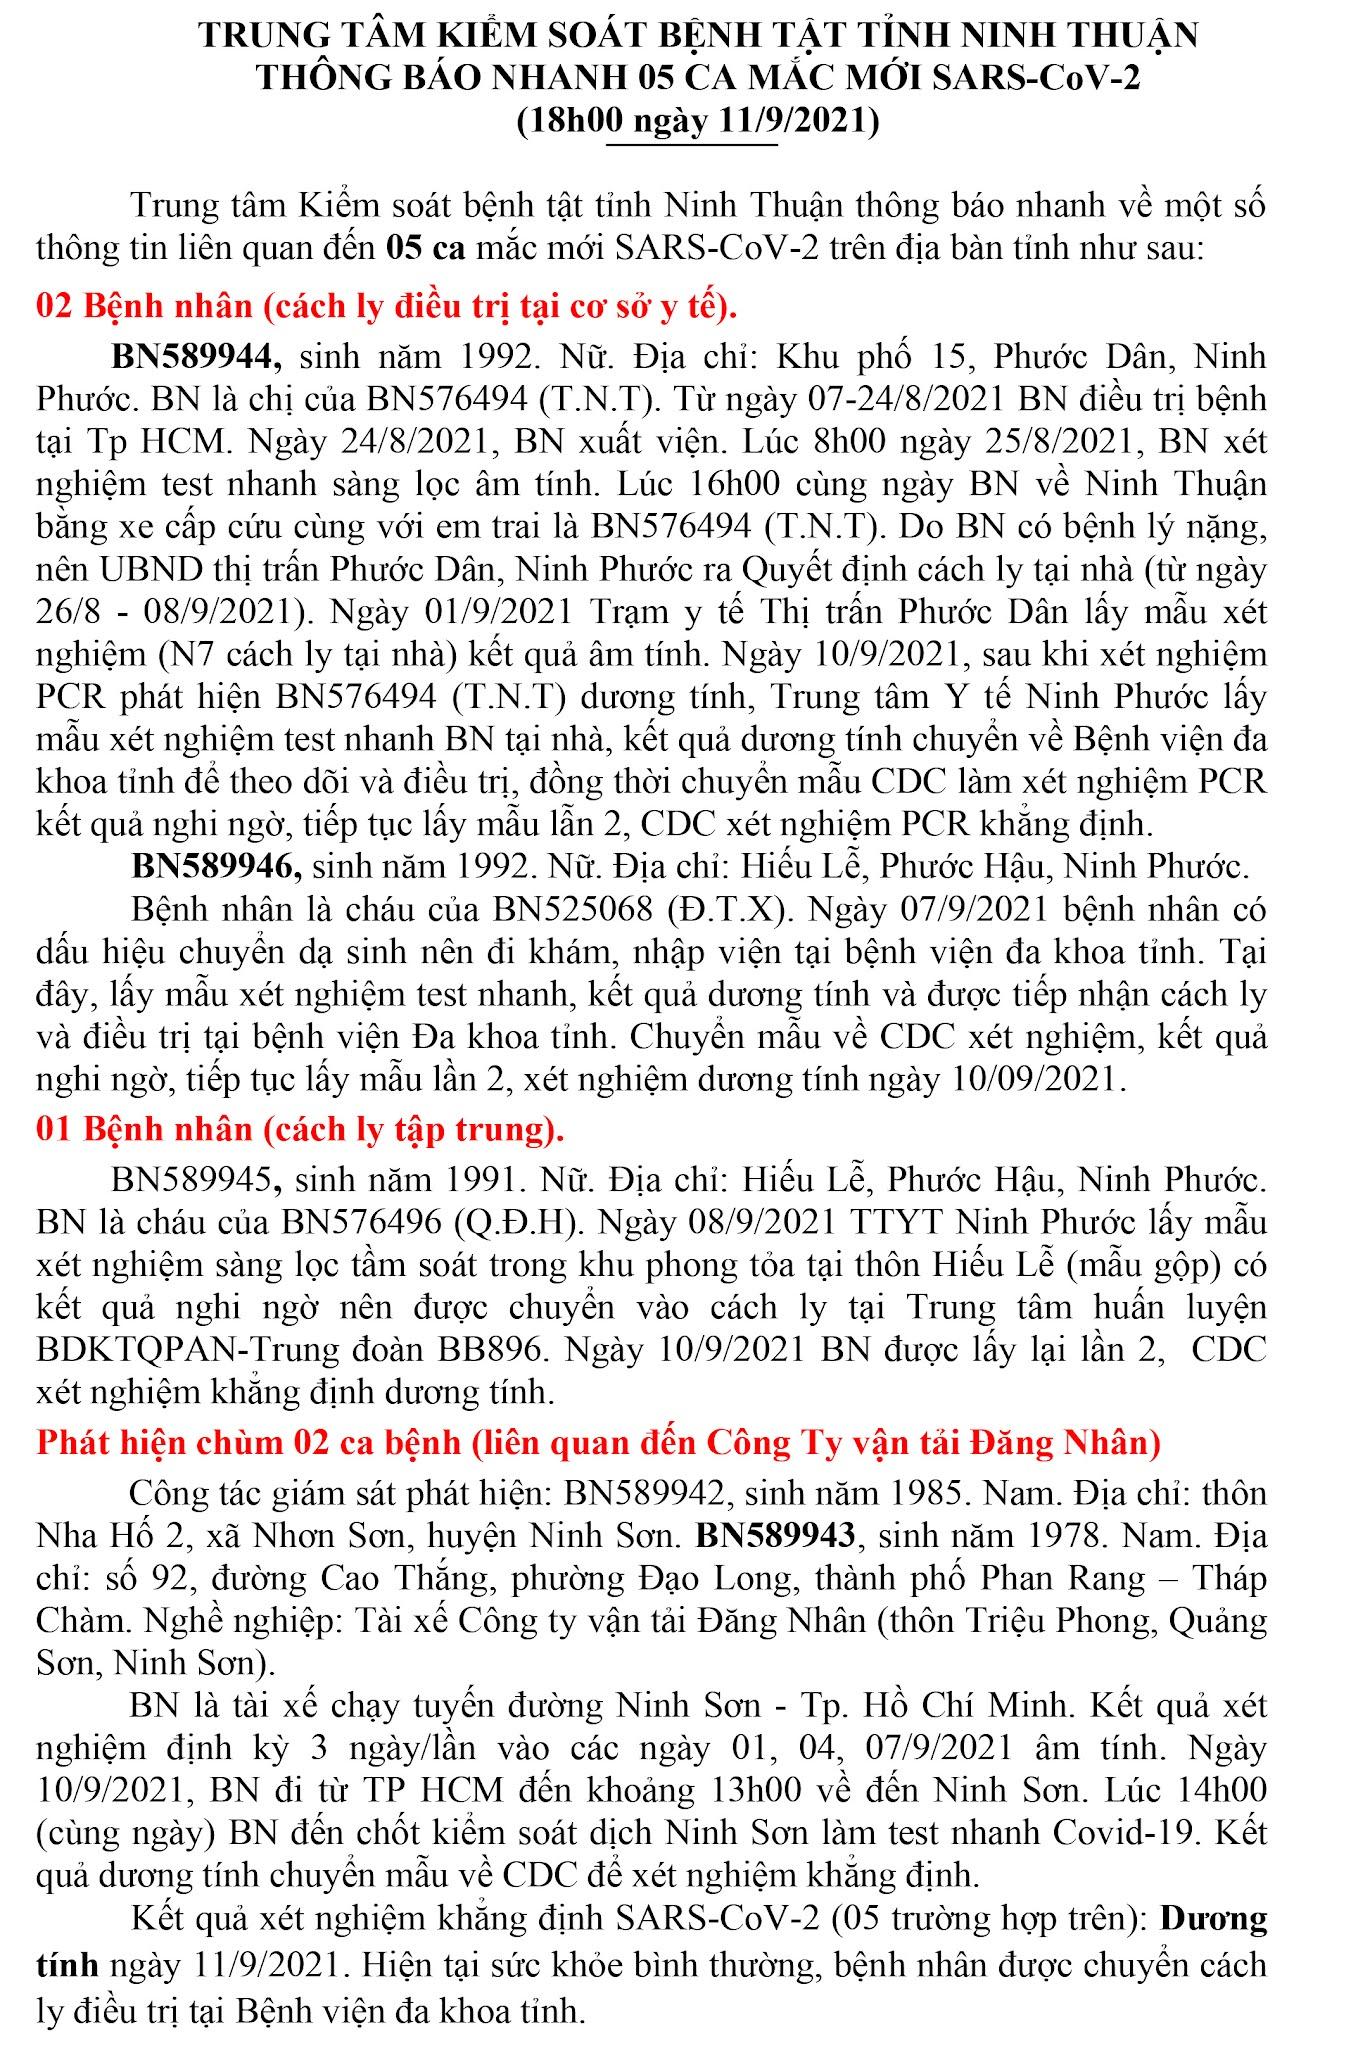 Ngày 11-9 Ninh Thuận ghi nhận 5 ca nhiễm Covid-19 mới